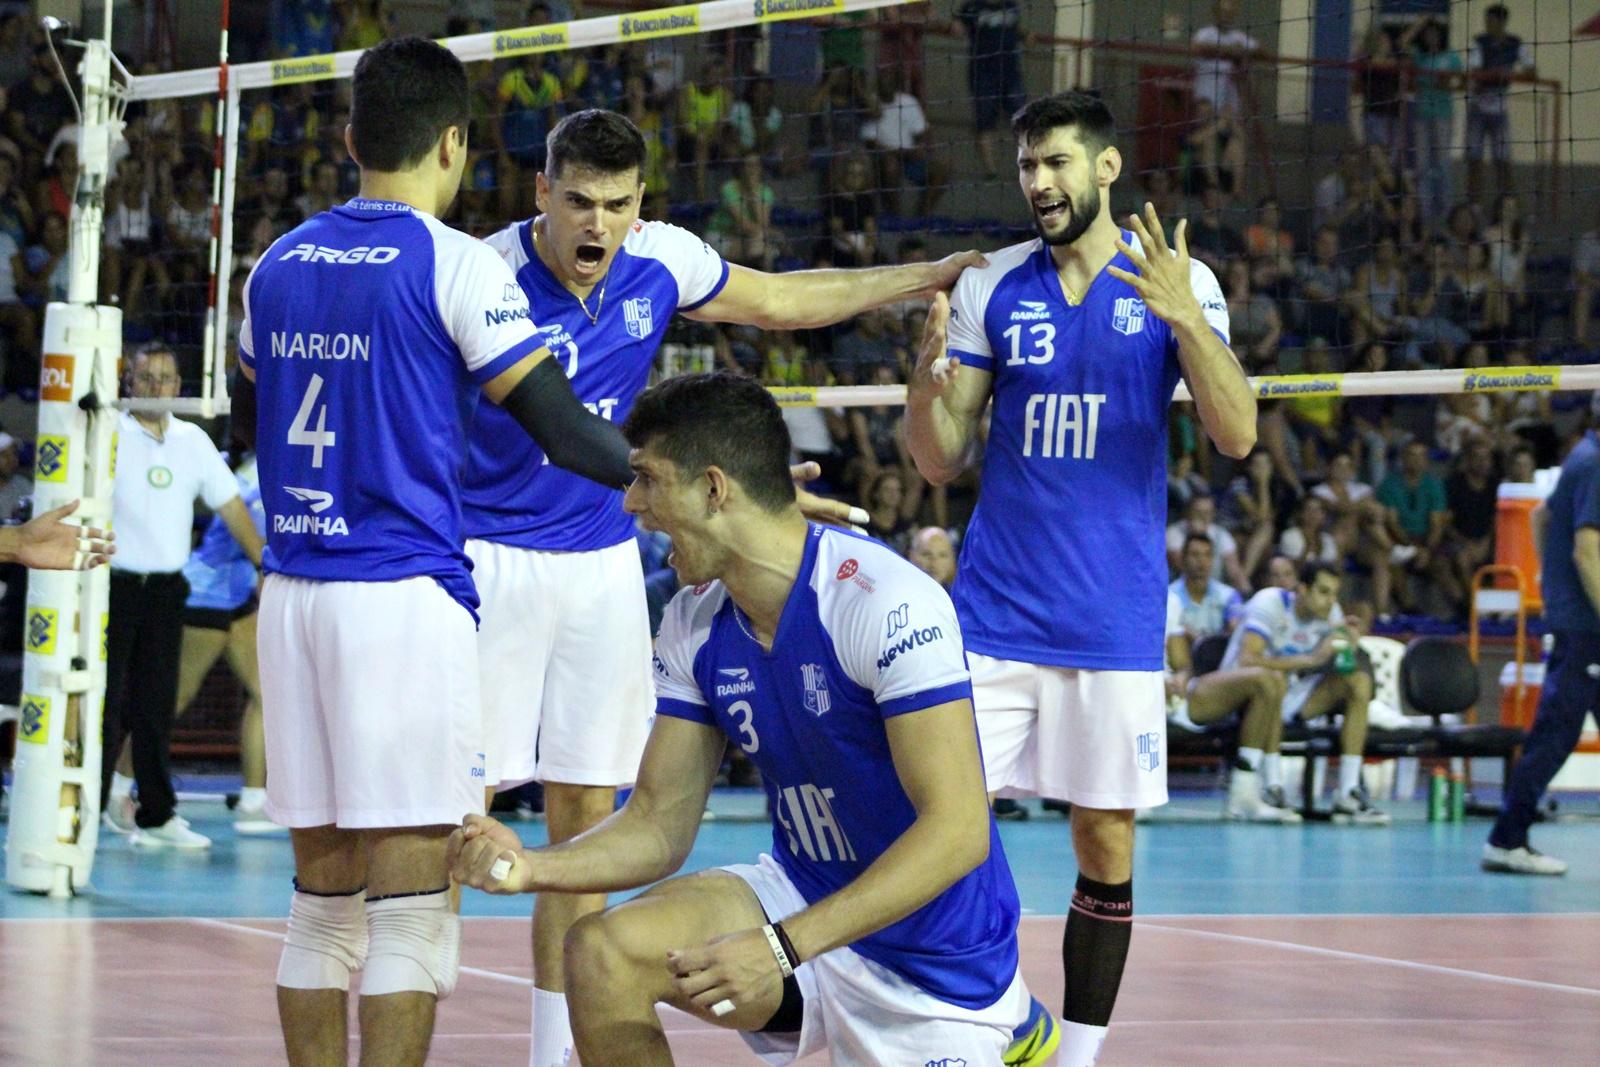 Fiat/Minas vence EMS Taubaté Funvic e está na final contra o Sada Cruzeiro